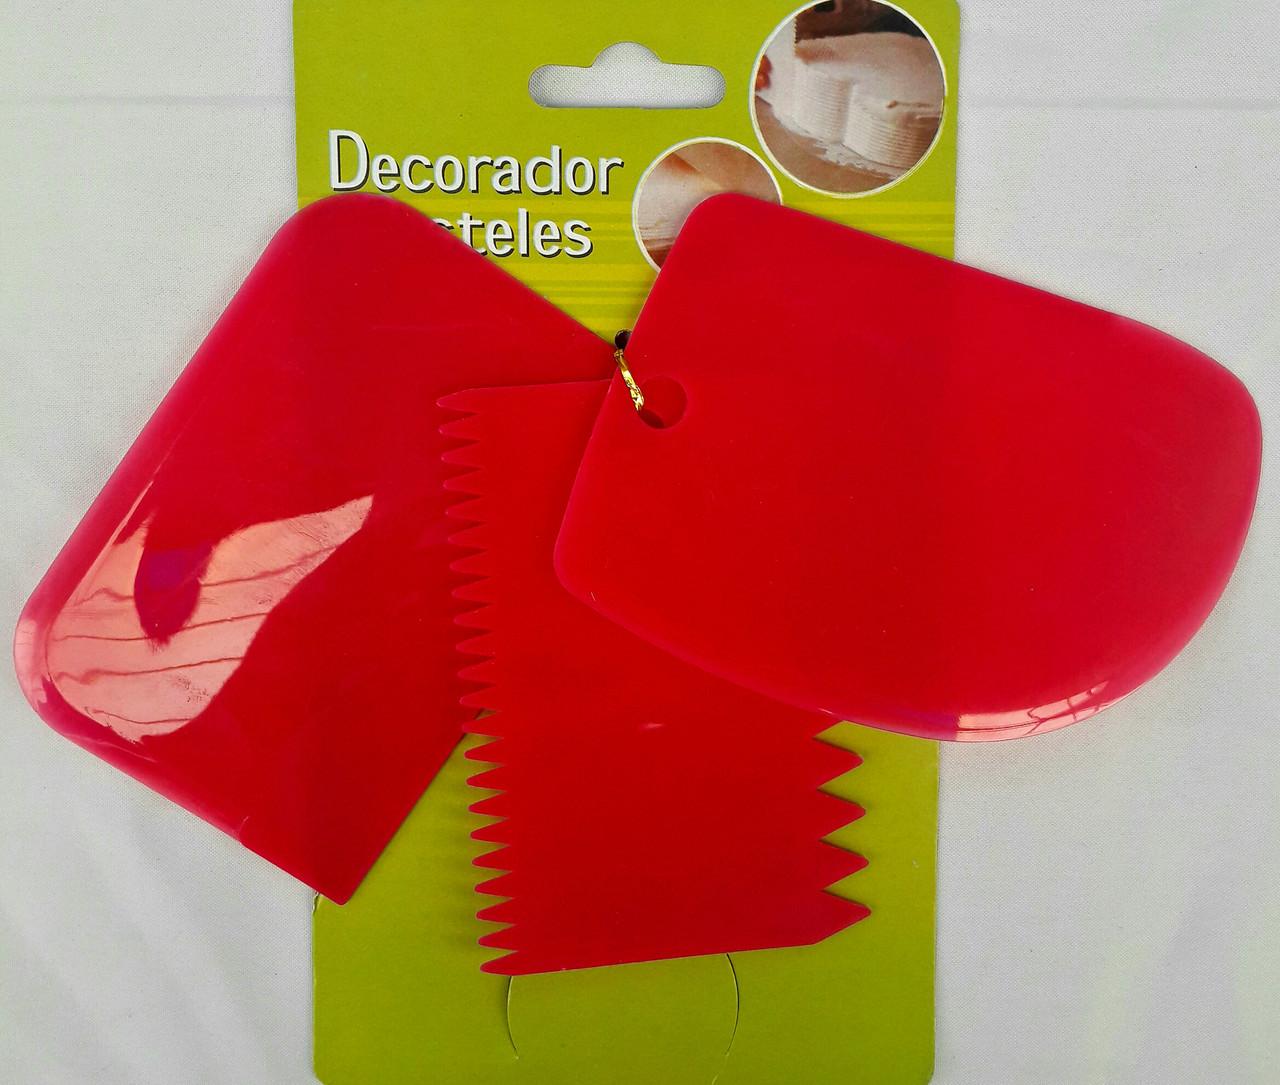 Набор пластиковых кондитерских шпателей для работы с кремом